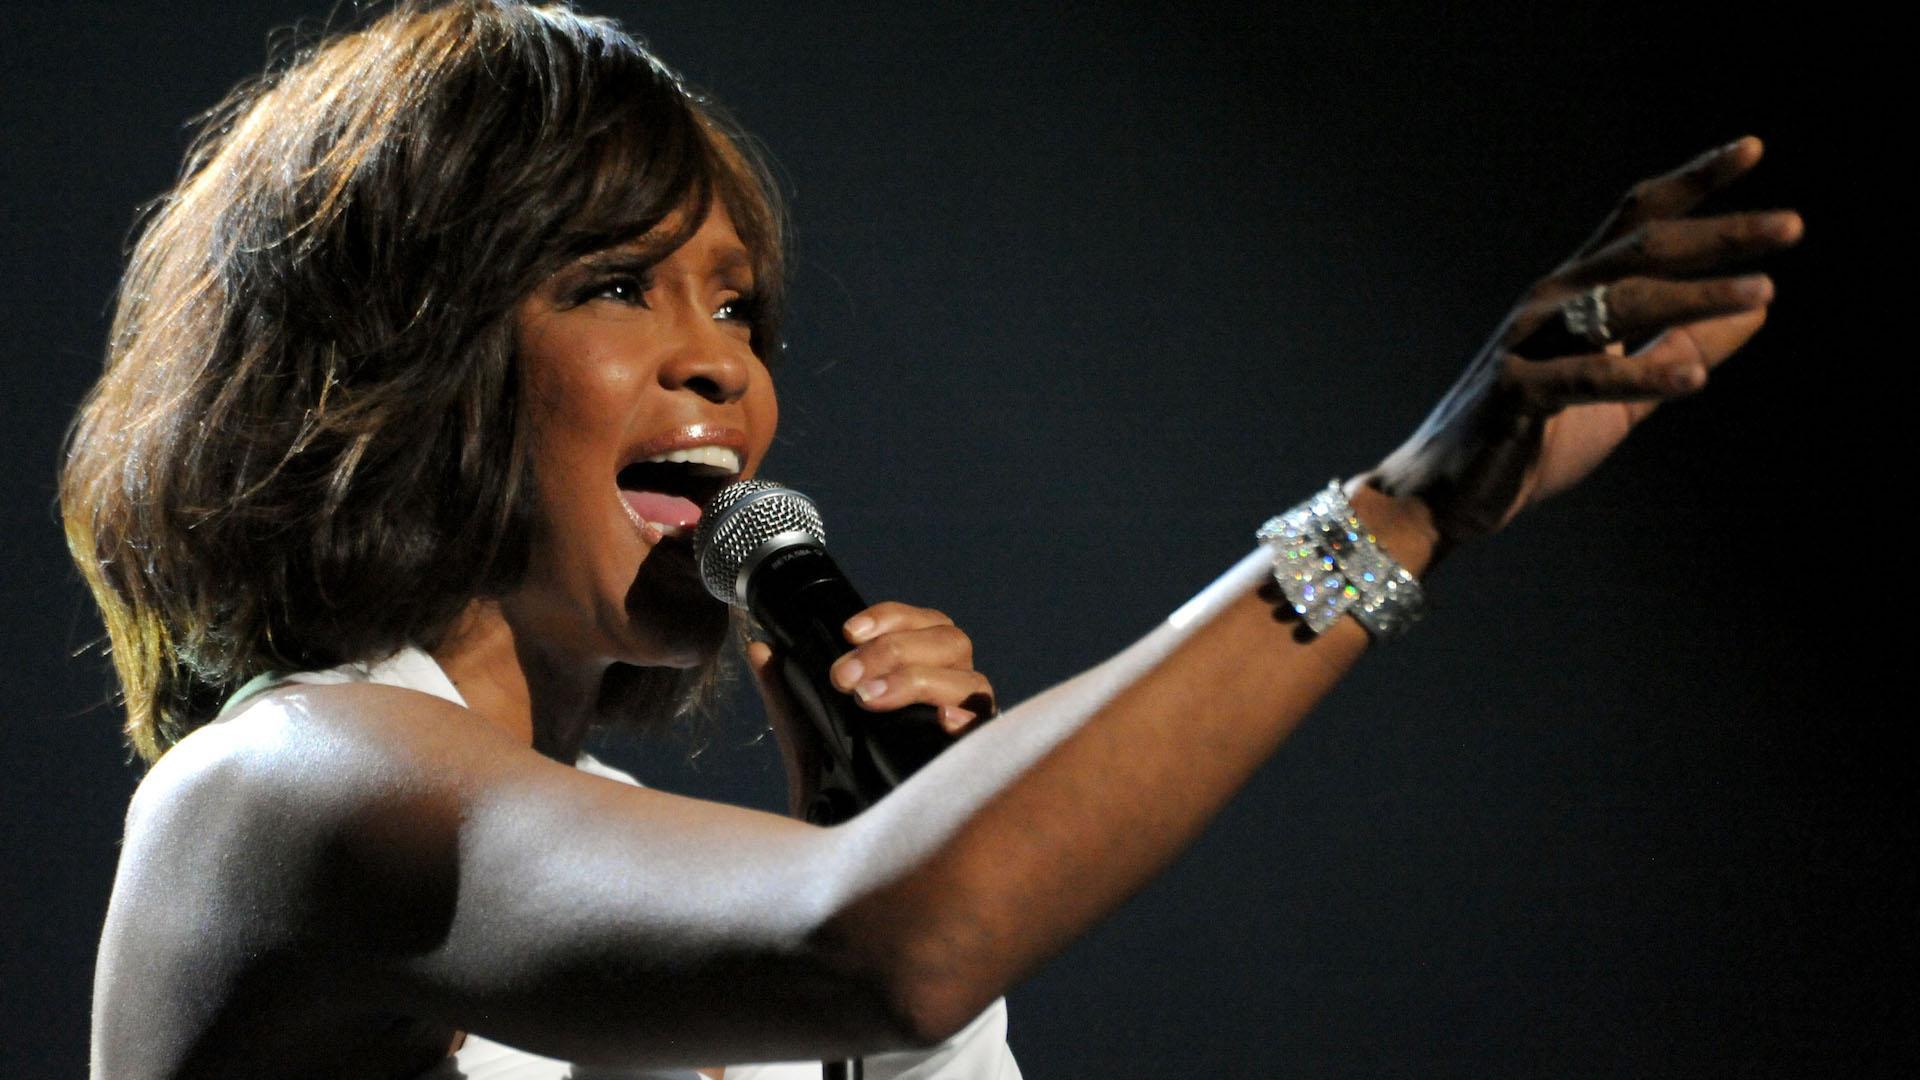 El vestido de casamiento, pasaporte y otros objetos personales de Whitney Houston salen a subasta